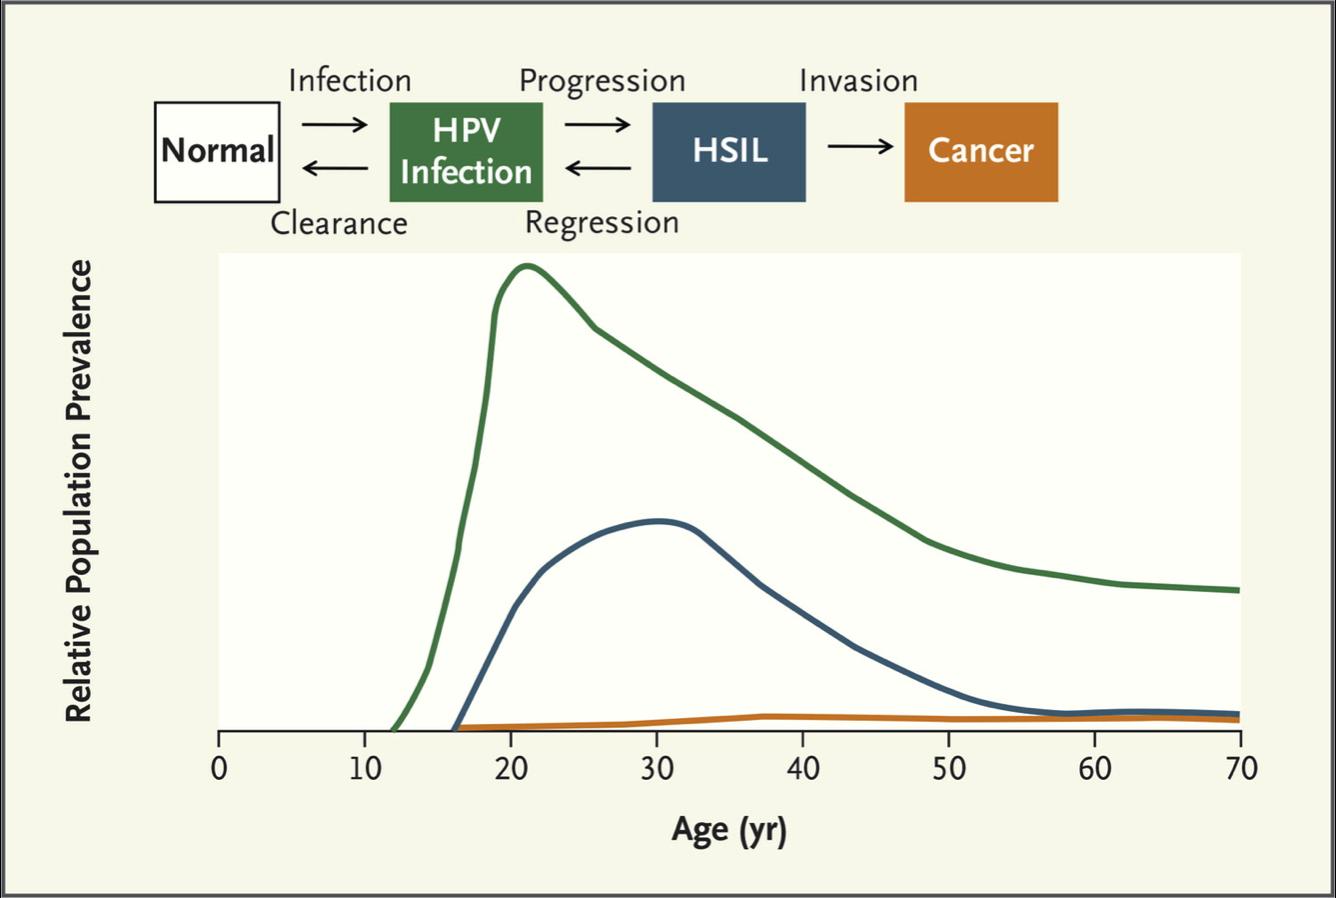 cancerul dragostea mea elefant virus papiloma humano formas de contagio